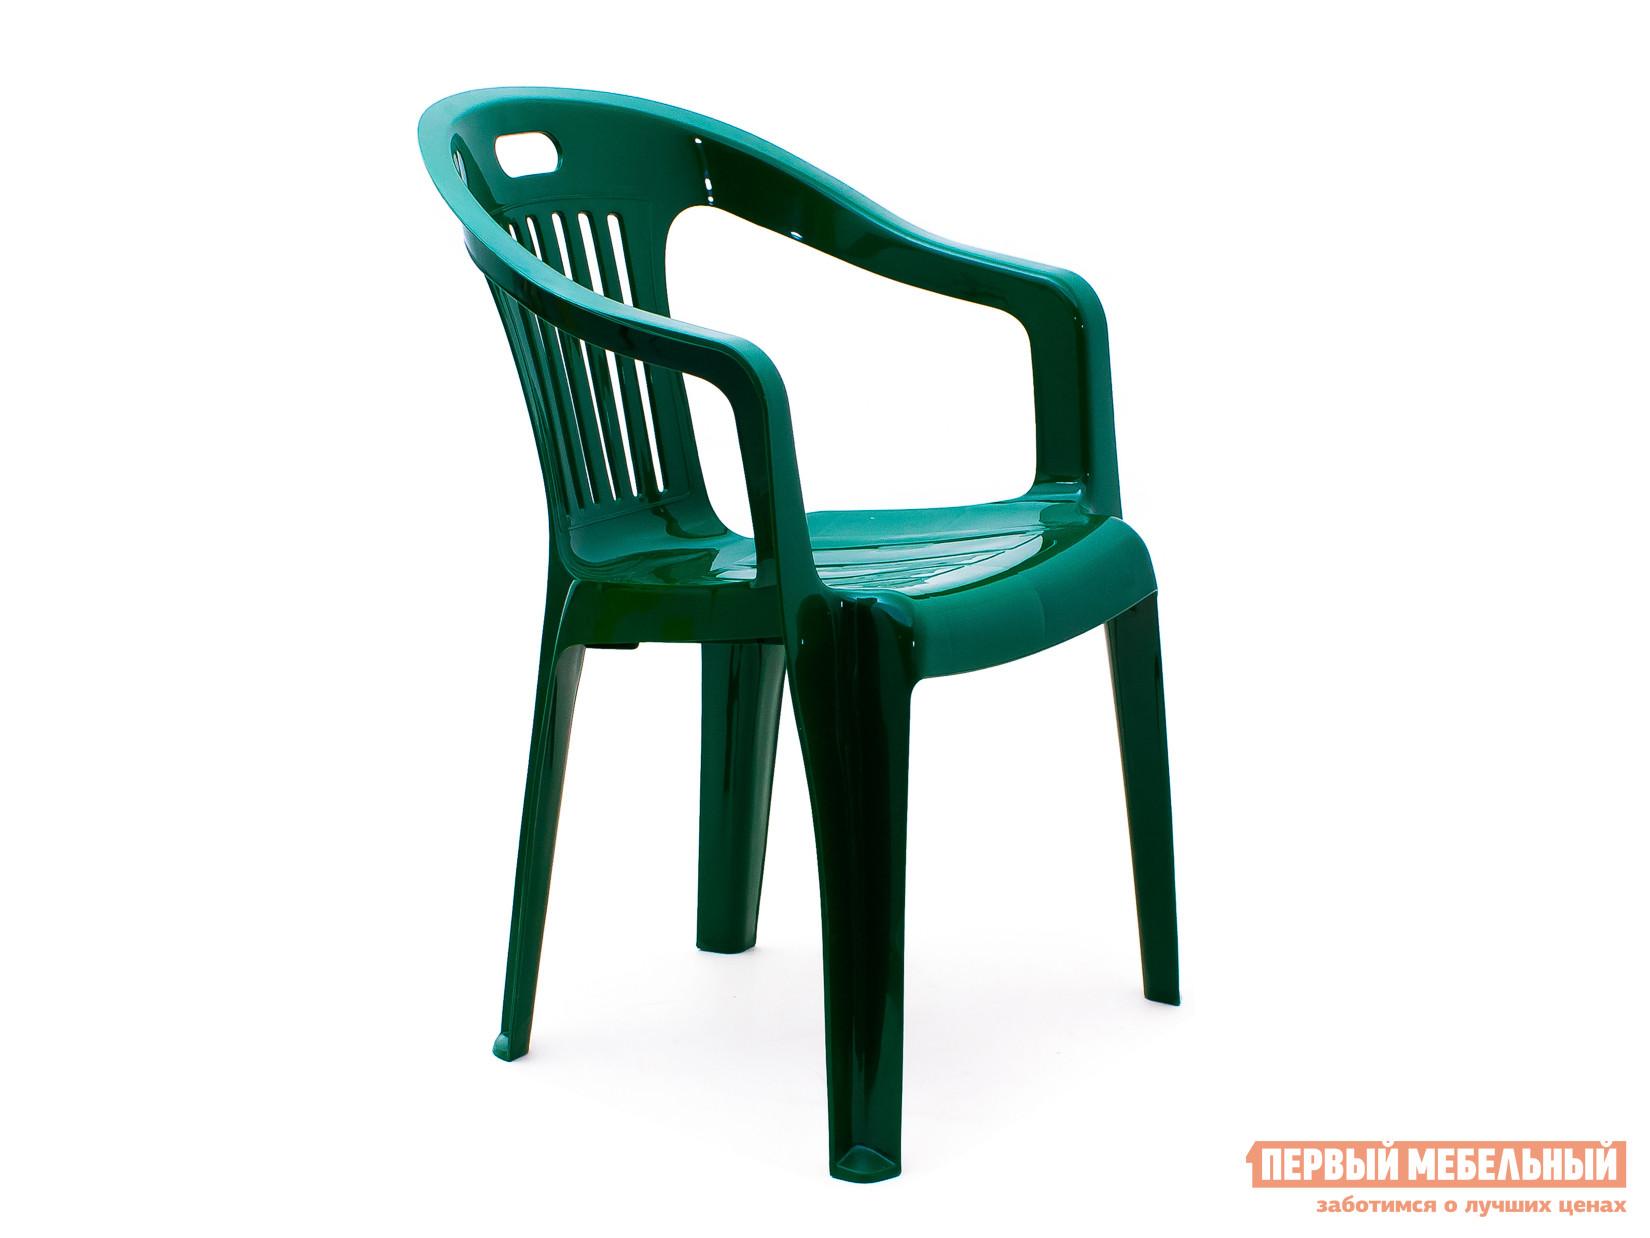 Пластиковый стул Стандарт Пластик Кресло №5 Комфорт-1 (540x535x780мм) Темно-зеленыйПластиковые стулья<br>Габаритные размеры ВхШхГ 780x540x535 мм. Пластиковое кресло Комфорт простое и практичное.  Оформление спинки кресла обеспечивает отличную вентиляцию, благодаря этому в нем удобно сидеть даже в жаркую погоду.  Также спинка оснащена прорезью для удобной транспортировки кресла.  Изделие оборудовано подлокотниками, их функциональное назначение – сделать пребывание в кресле максимально удобным и приятным. Высота изделия от пола до сиденья составляет 37 см. Пластиковая мебель уникальна сочетанием таких качеств, как повышенная прочность (легко выдерживает нагрузку до 120 кг) и предельная легкость (чуть больше 2 кг).  Мебельные изделия демократичны, хорошо подходят для меблировки дачи, зоны отдыха или летнего кафе.  Пластиковая мебель не боится перепадов температур, повышенной влажности.  Такая мебель станет верным союзником в комфортном и гармоничном отдыхе.<br><br>Цвет: Зеленый<br>Высота мм: 780<br>Ширина мм: 540<br>Глубина мм: 535<br>Кол-во упаковок: 1<br>Форма поставки: В собранном виде<br>Срок гарантии: 1 год<br>С подлокотниками: Да